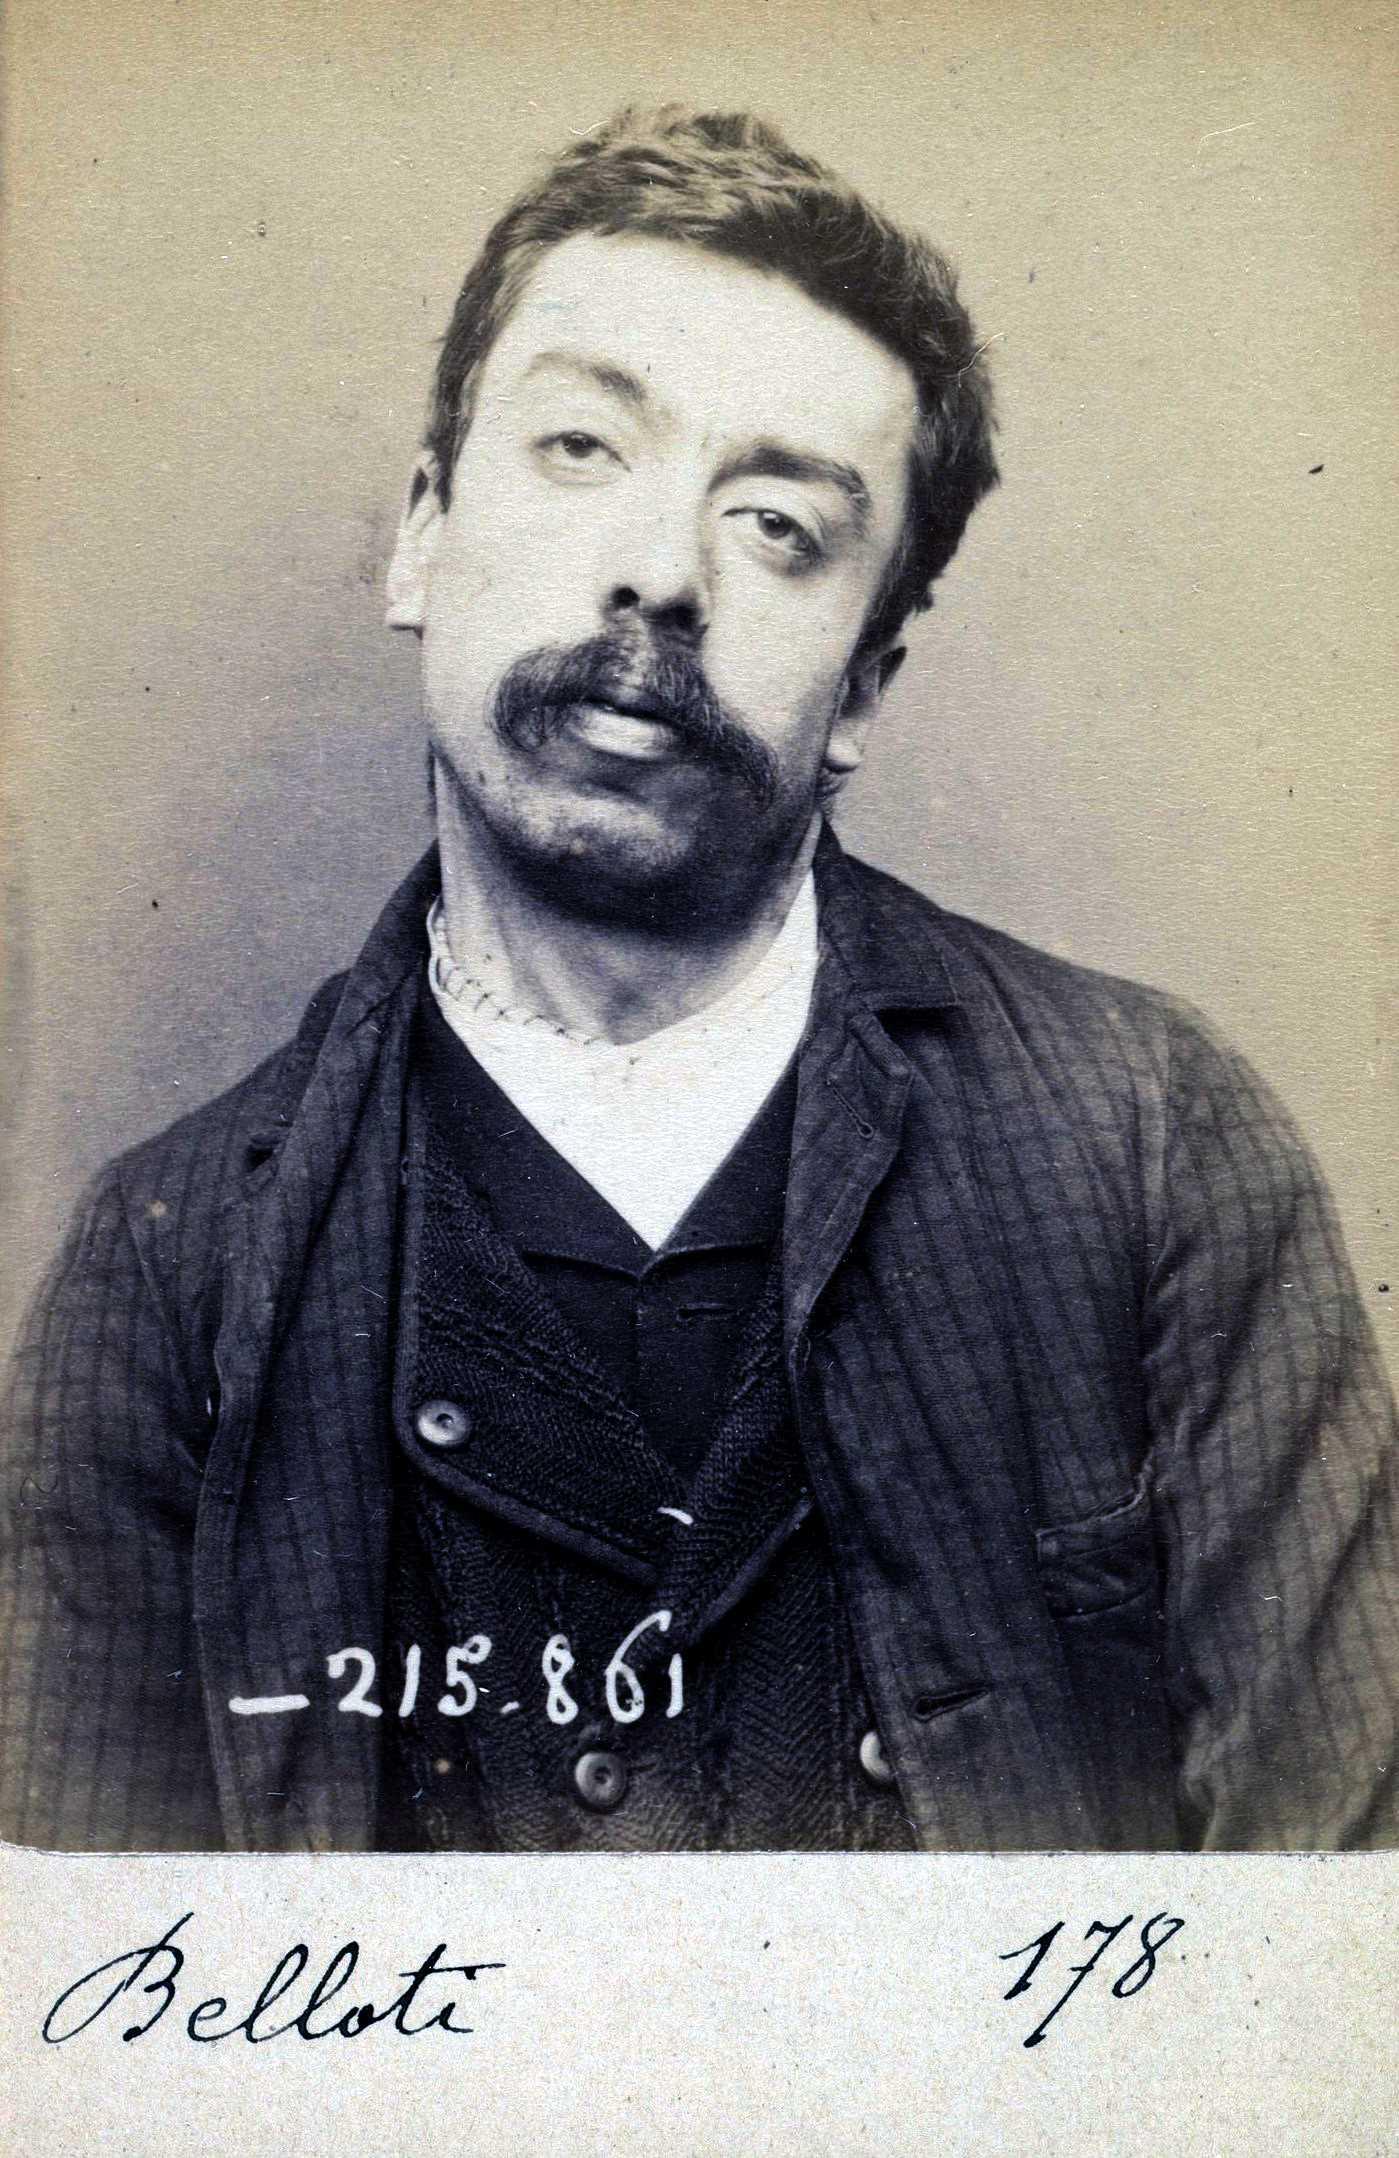 Foto policíaca de Louis Belloti (18 de març de 1894)